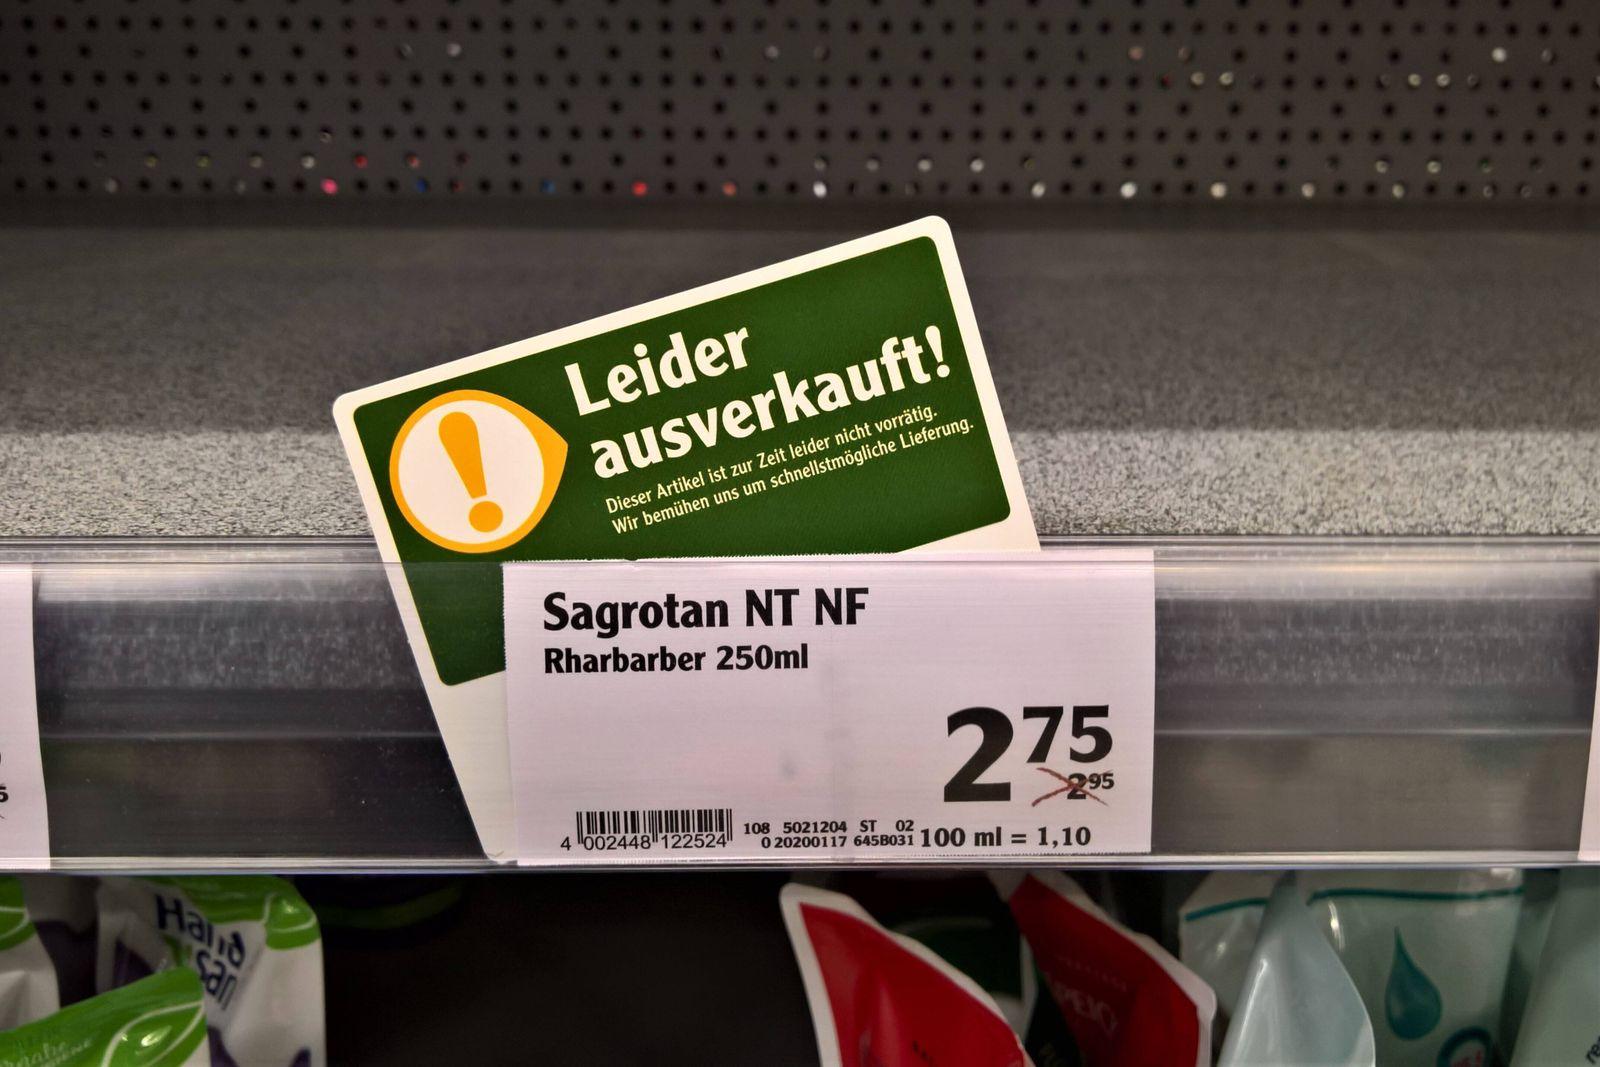 In Drogerien bzw Drogeriemaerkten wie auch im Supermarkt finden sich zurzeit Luecken in den Regalen. Desinfektionsmitte